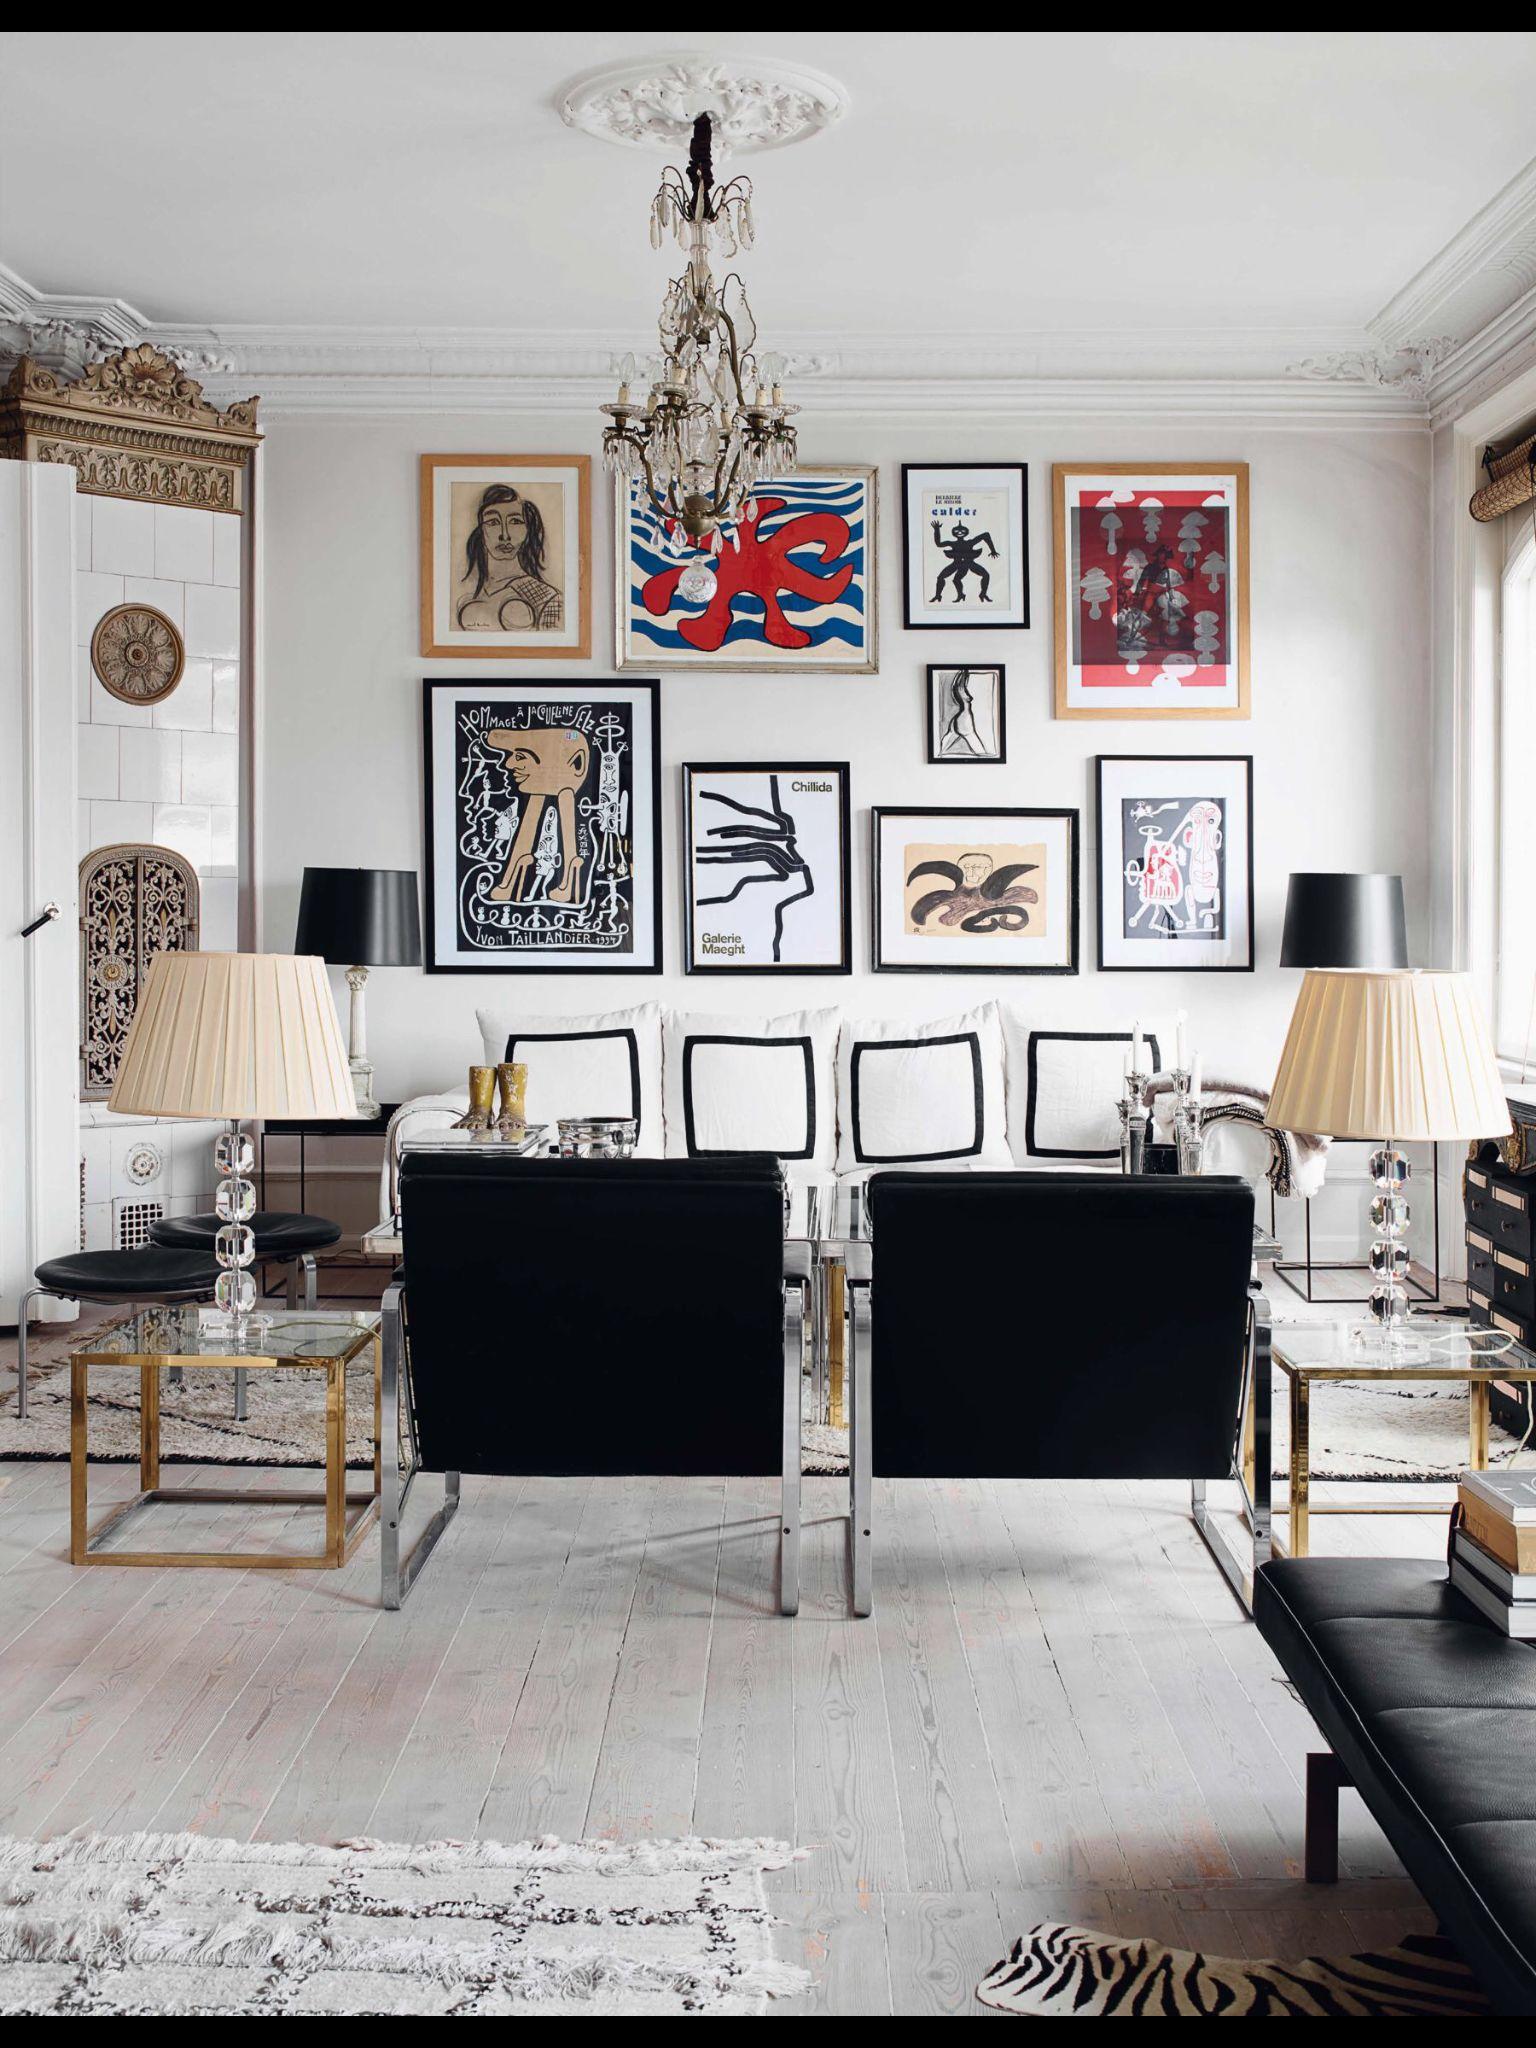 Pin von Cathy Ringger auf Gallery walls | Pinterest